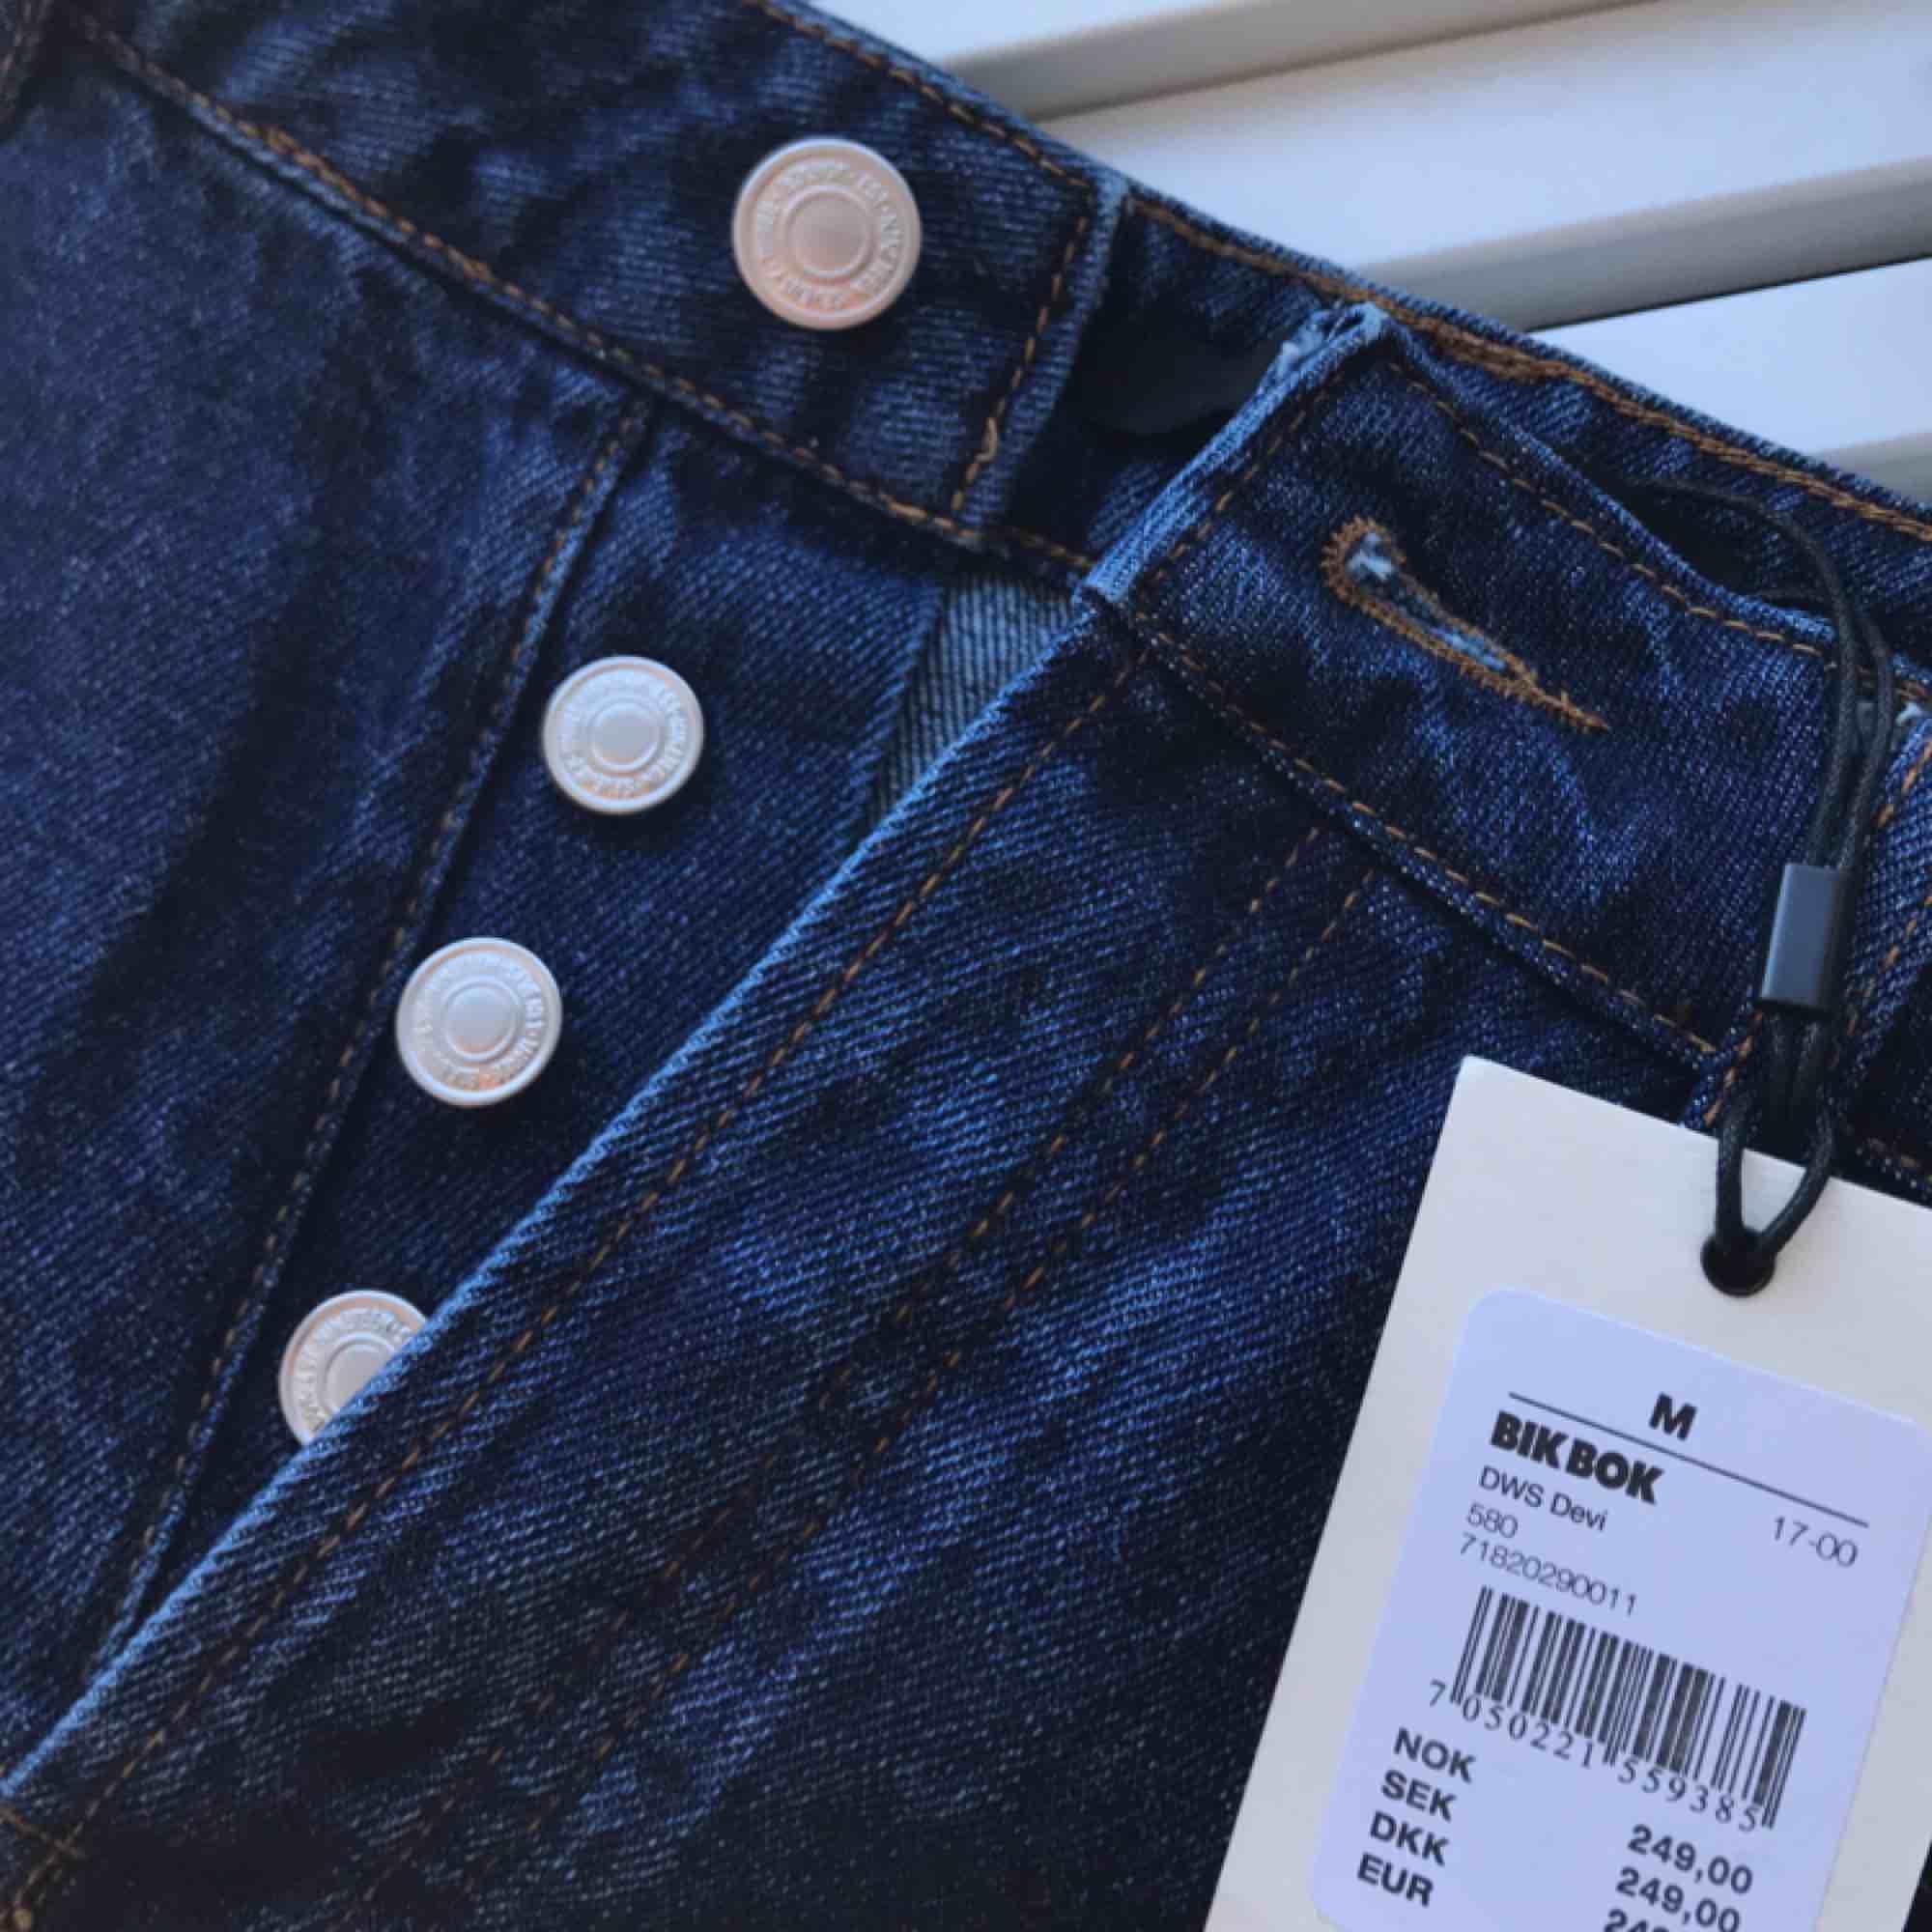 Jeanskjol med prislappen kvar, aldrig använd utan endast testad. Köpare betalar frakt!!. Kjolar.